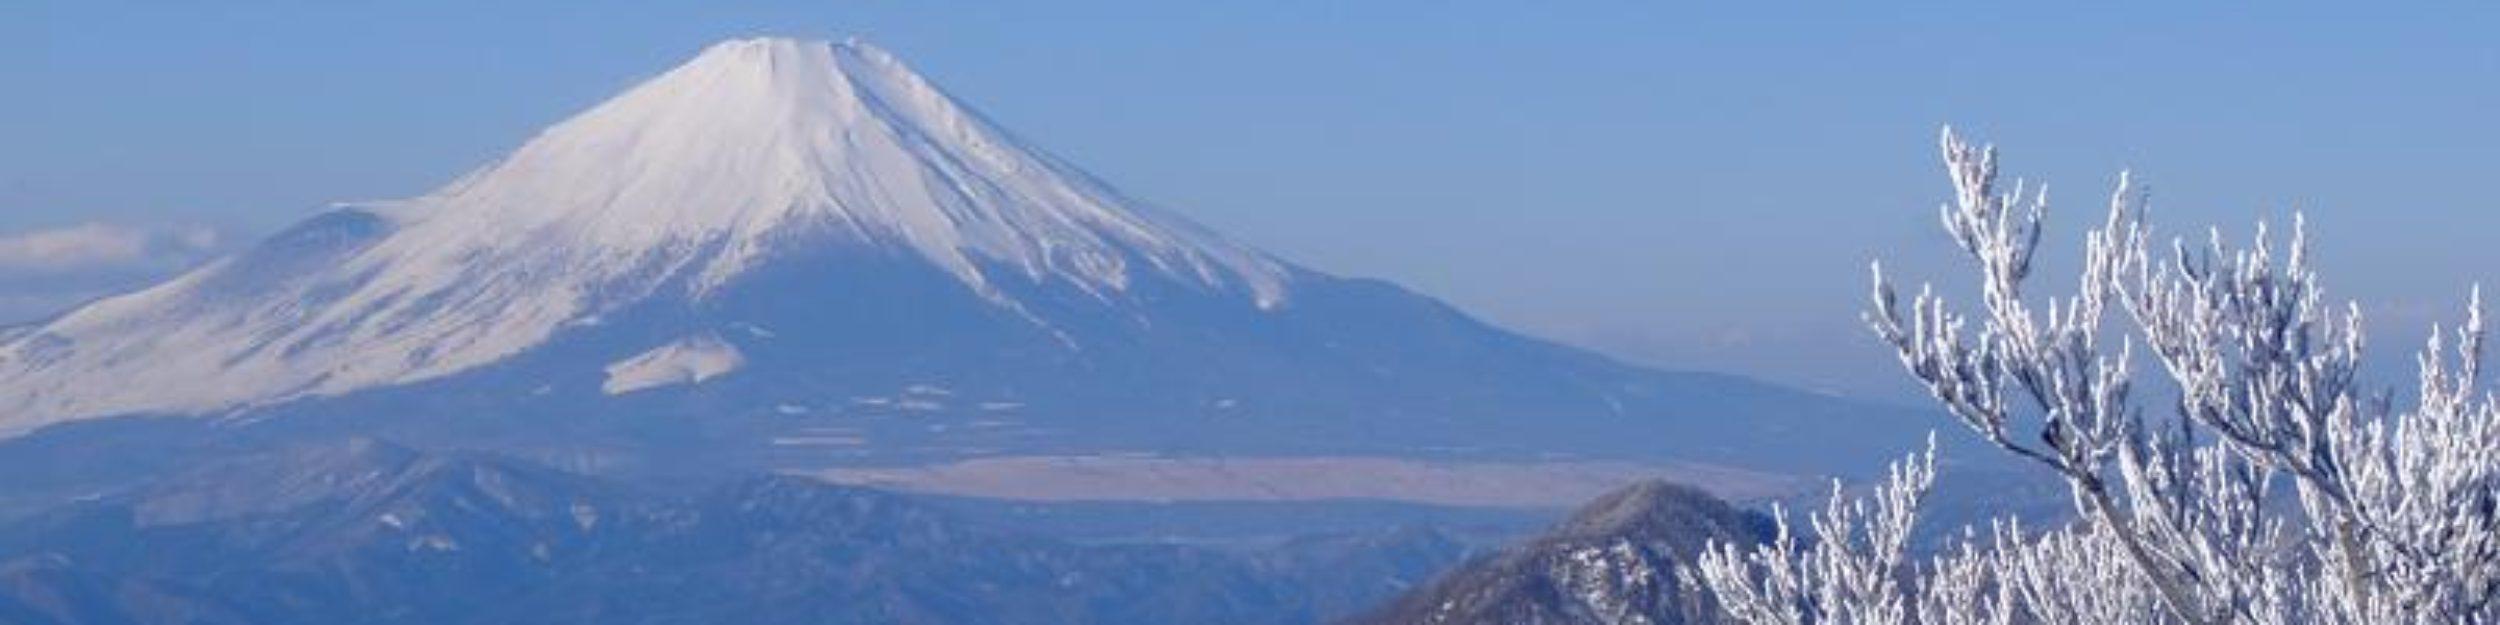 Kanagawa山三昧